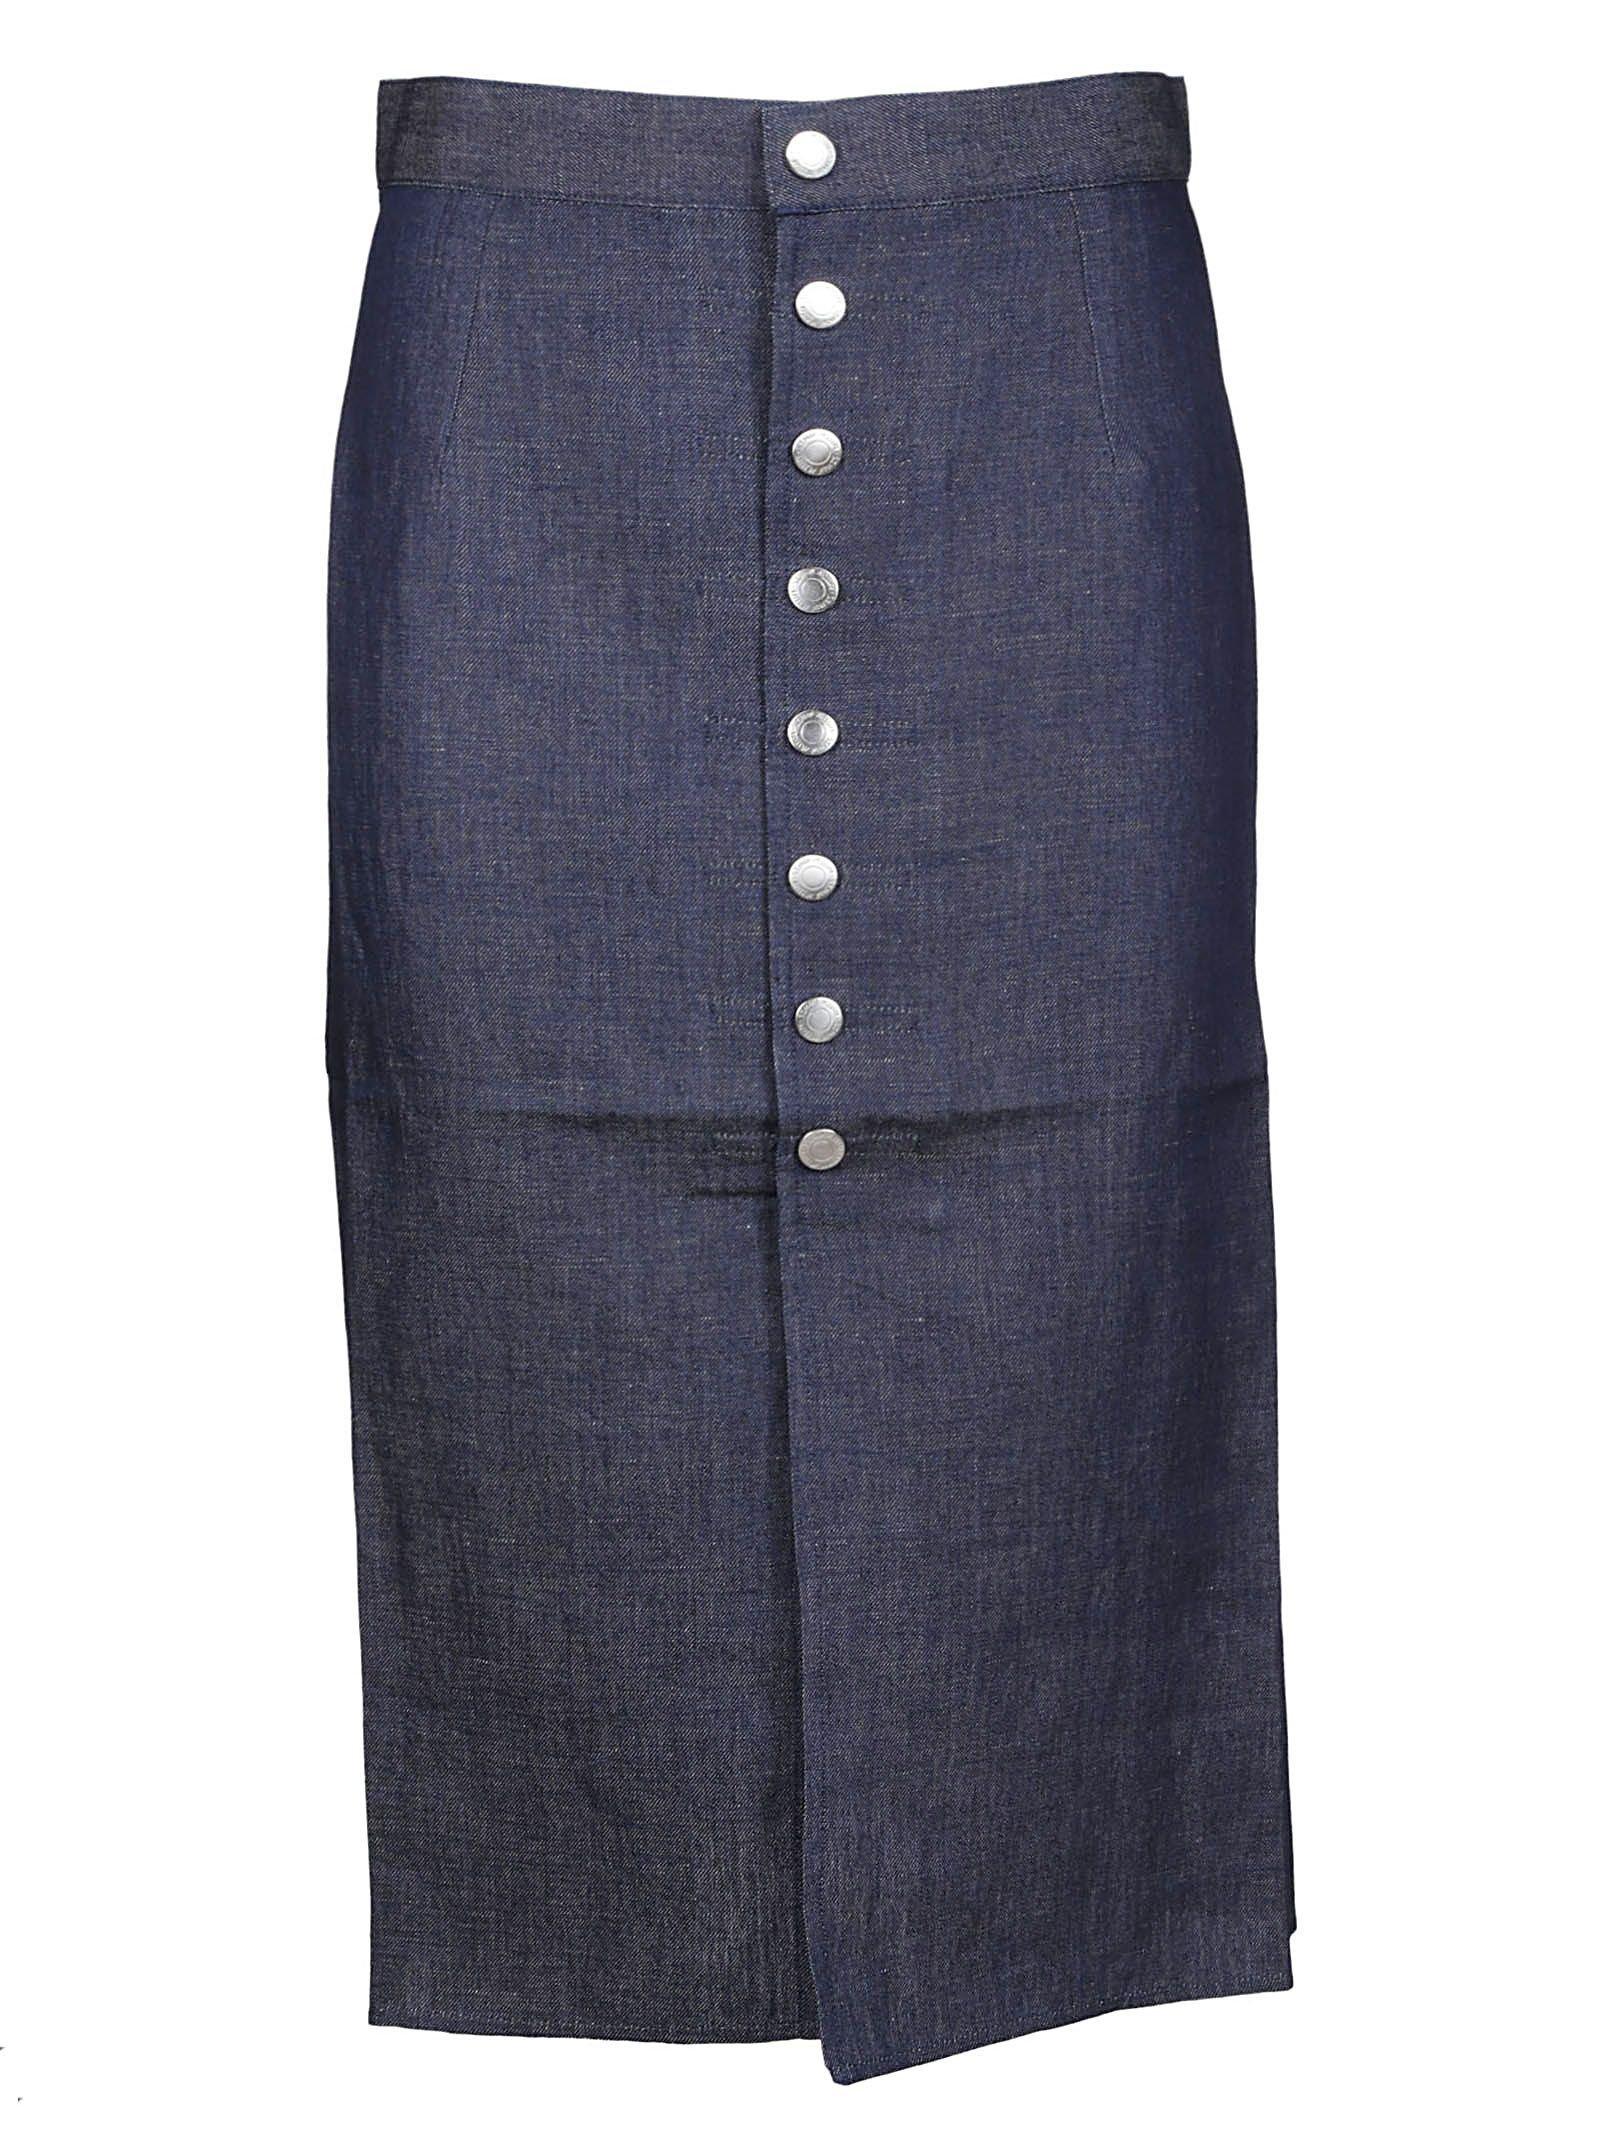 Simon Miller Denim Midi Skirt